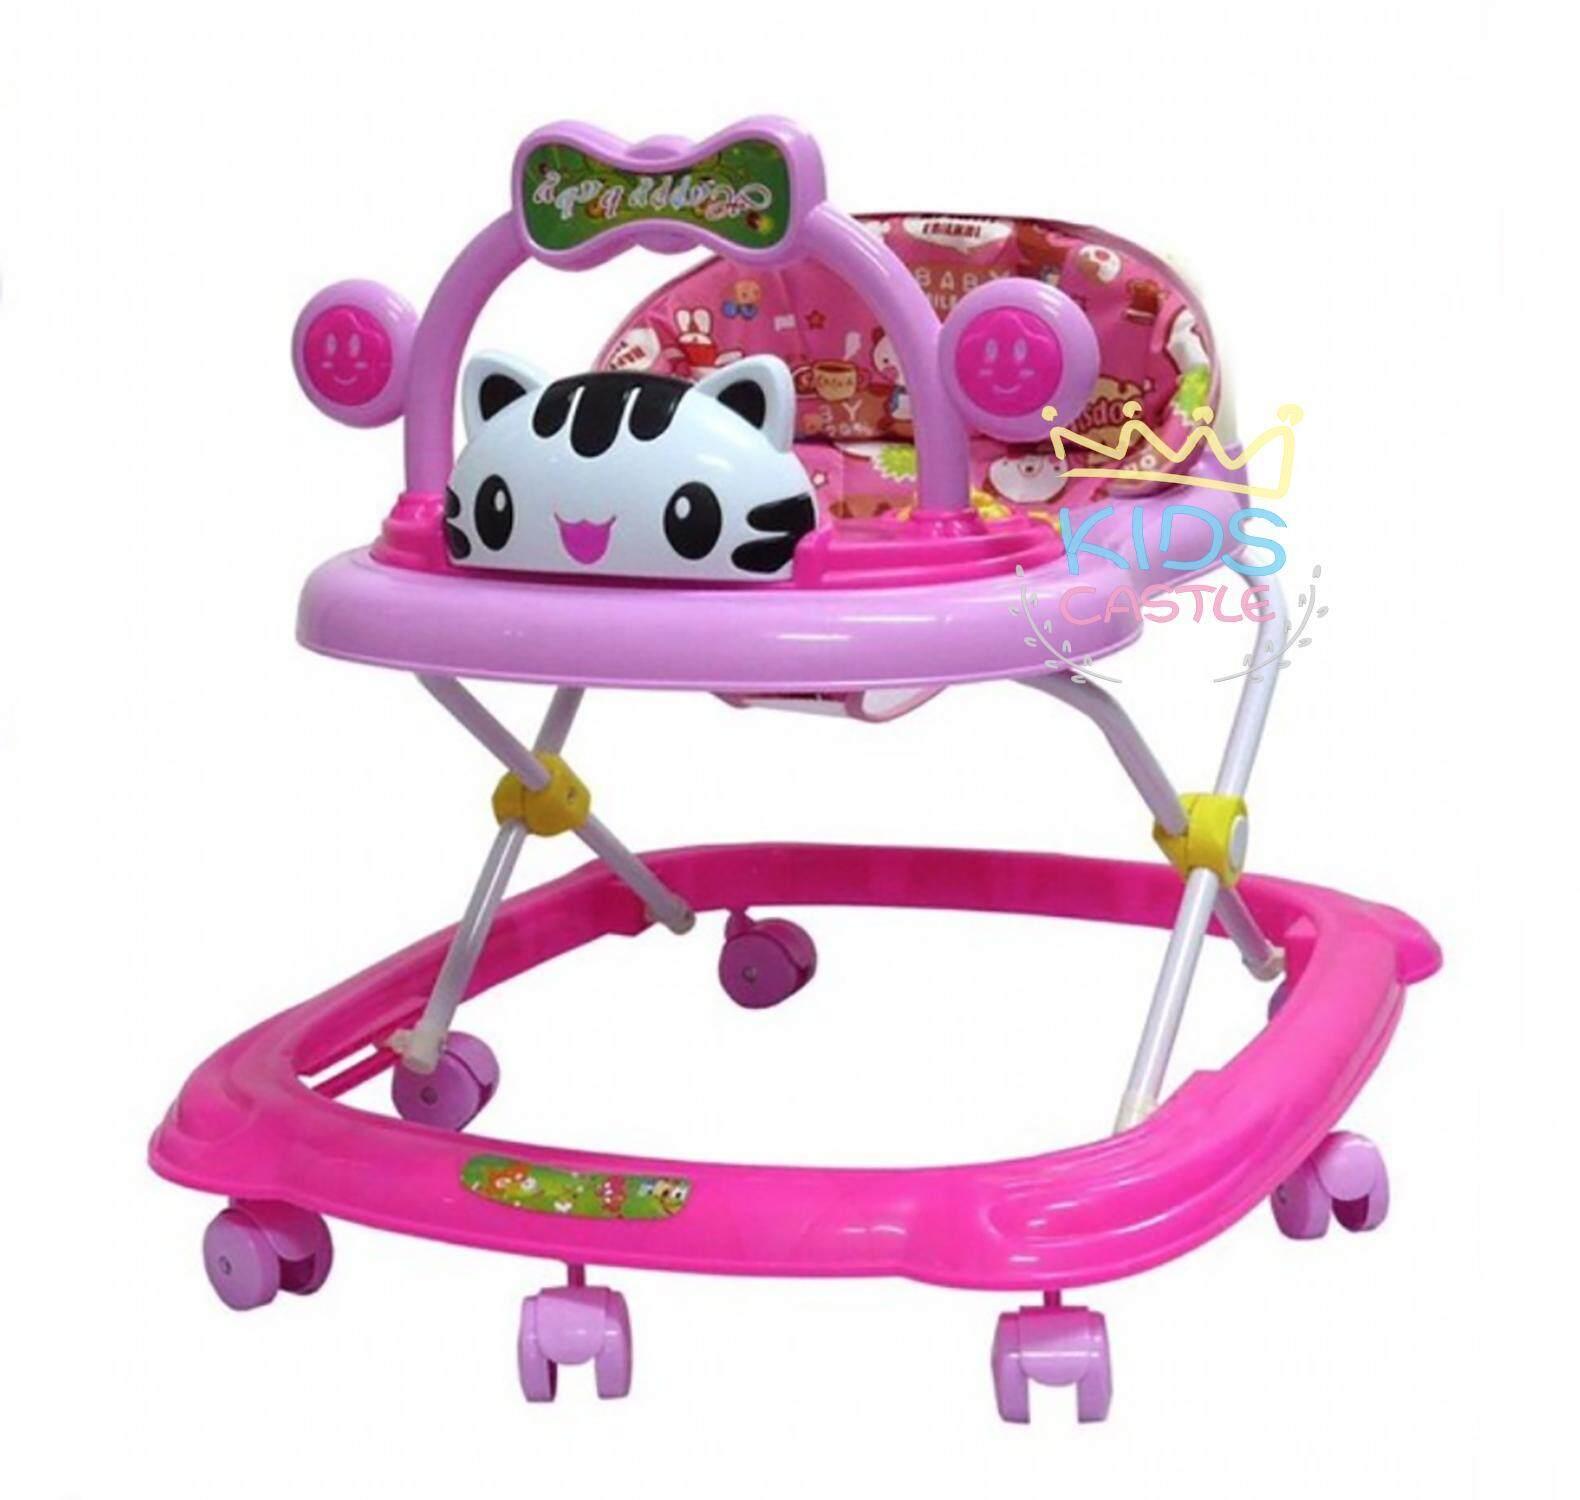 รีวิว Kids castle รถหัดเดินน้องแมวน้อยมีของเล่นมีเพลง7ล้อแข็งแรง